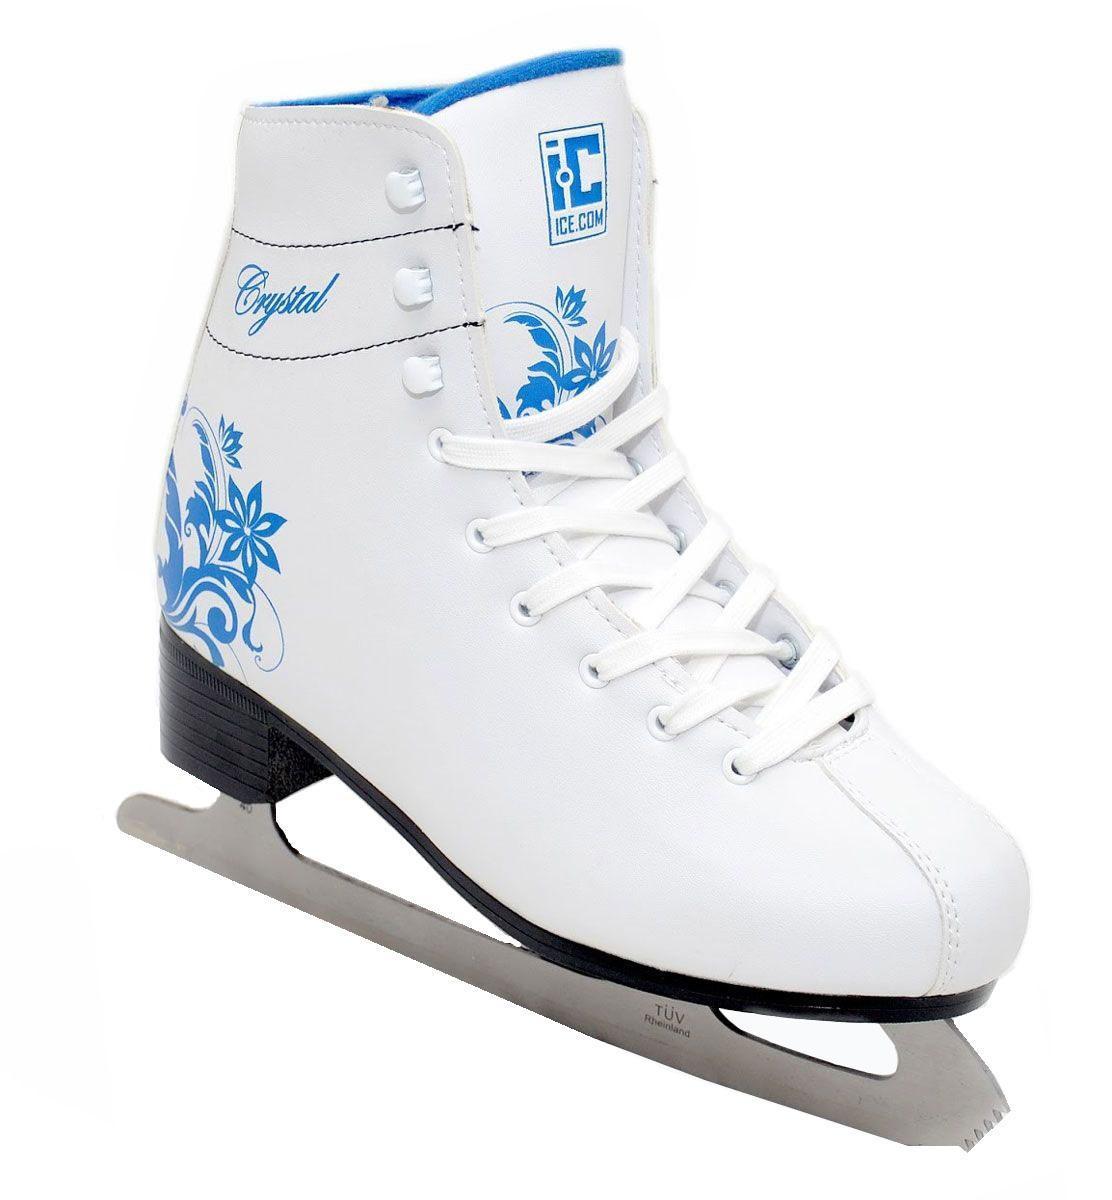 Коньки фигурные женские Ice.Com Crystal 2014-2015, цвет: синий, белый. Размер 39